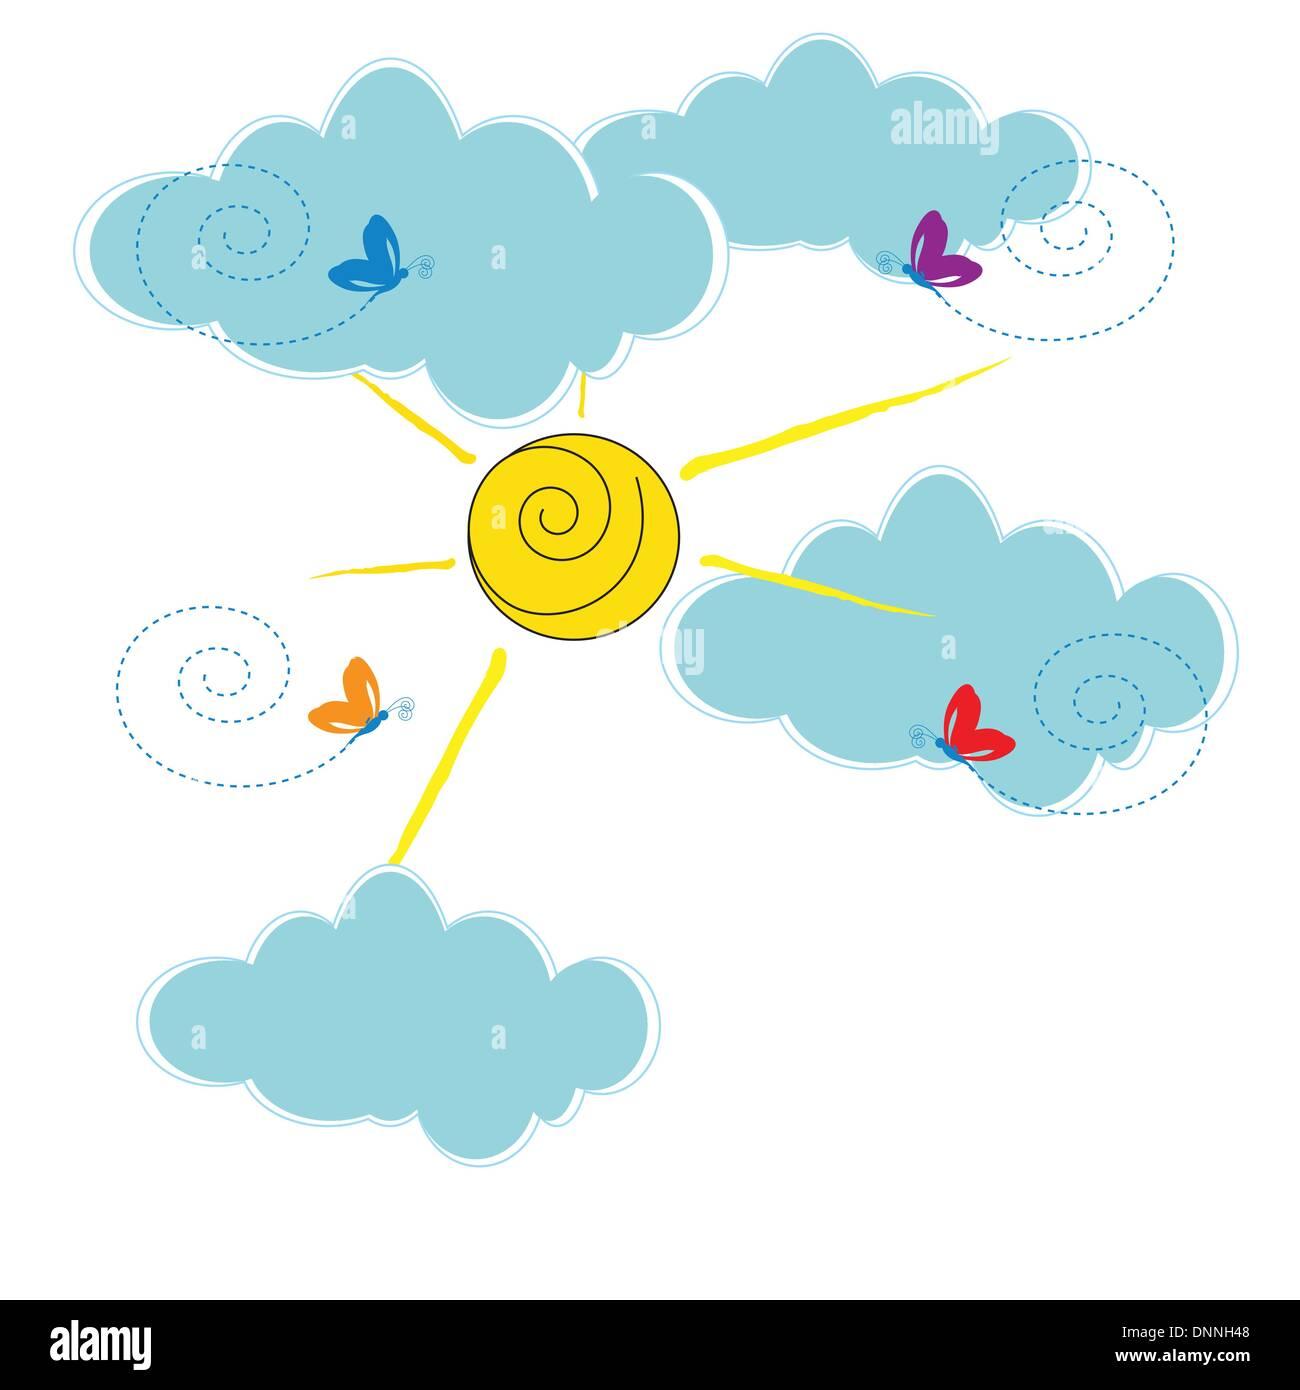 Nette Karte mit Wolken und Sonne Stock Vektor